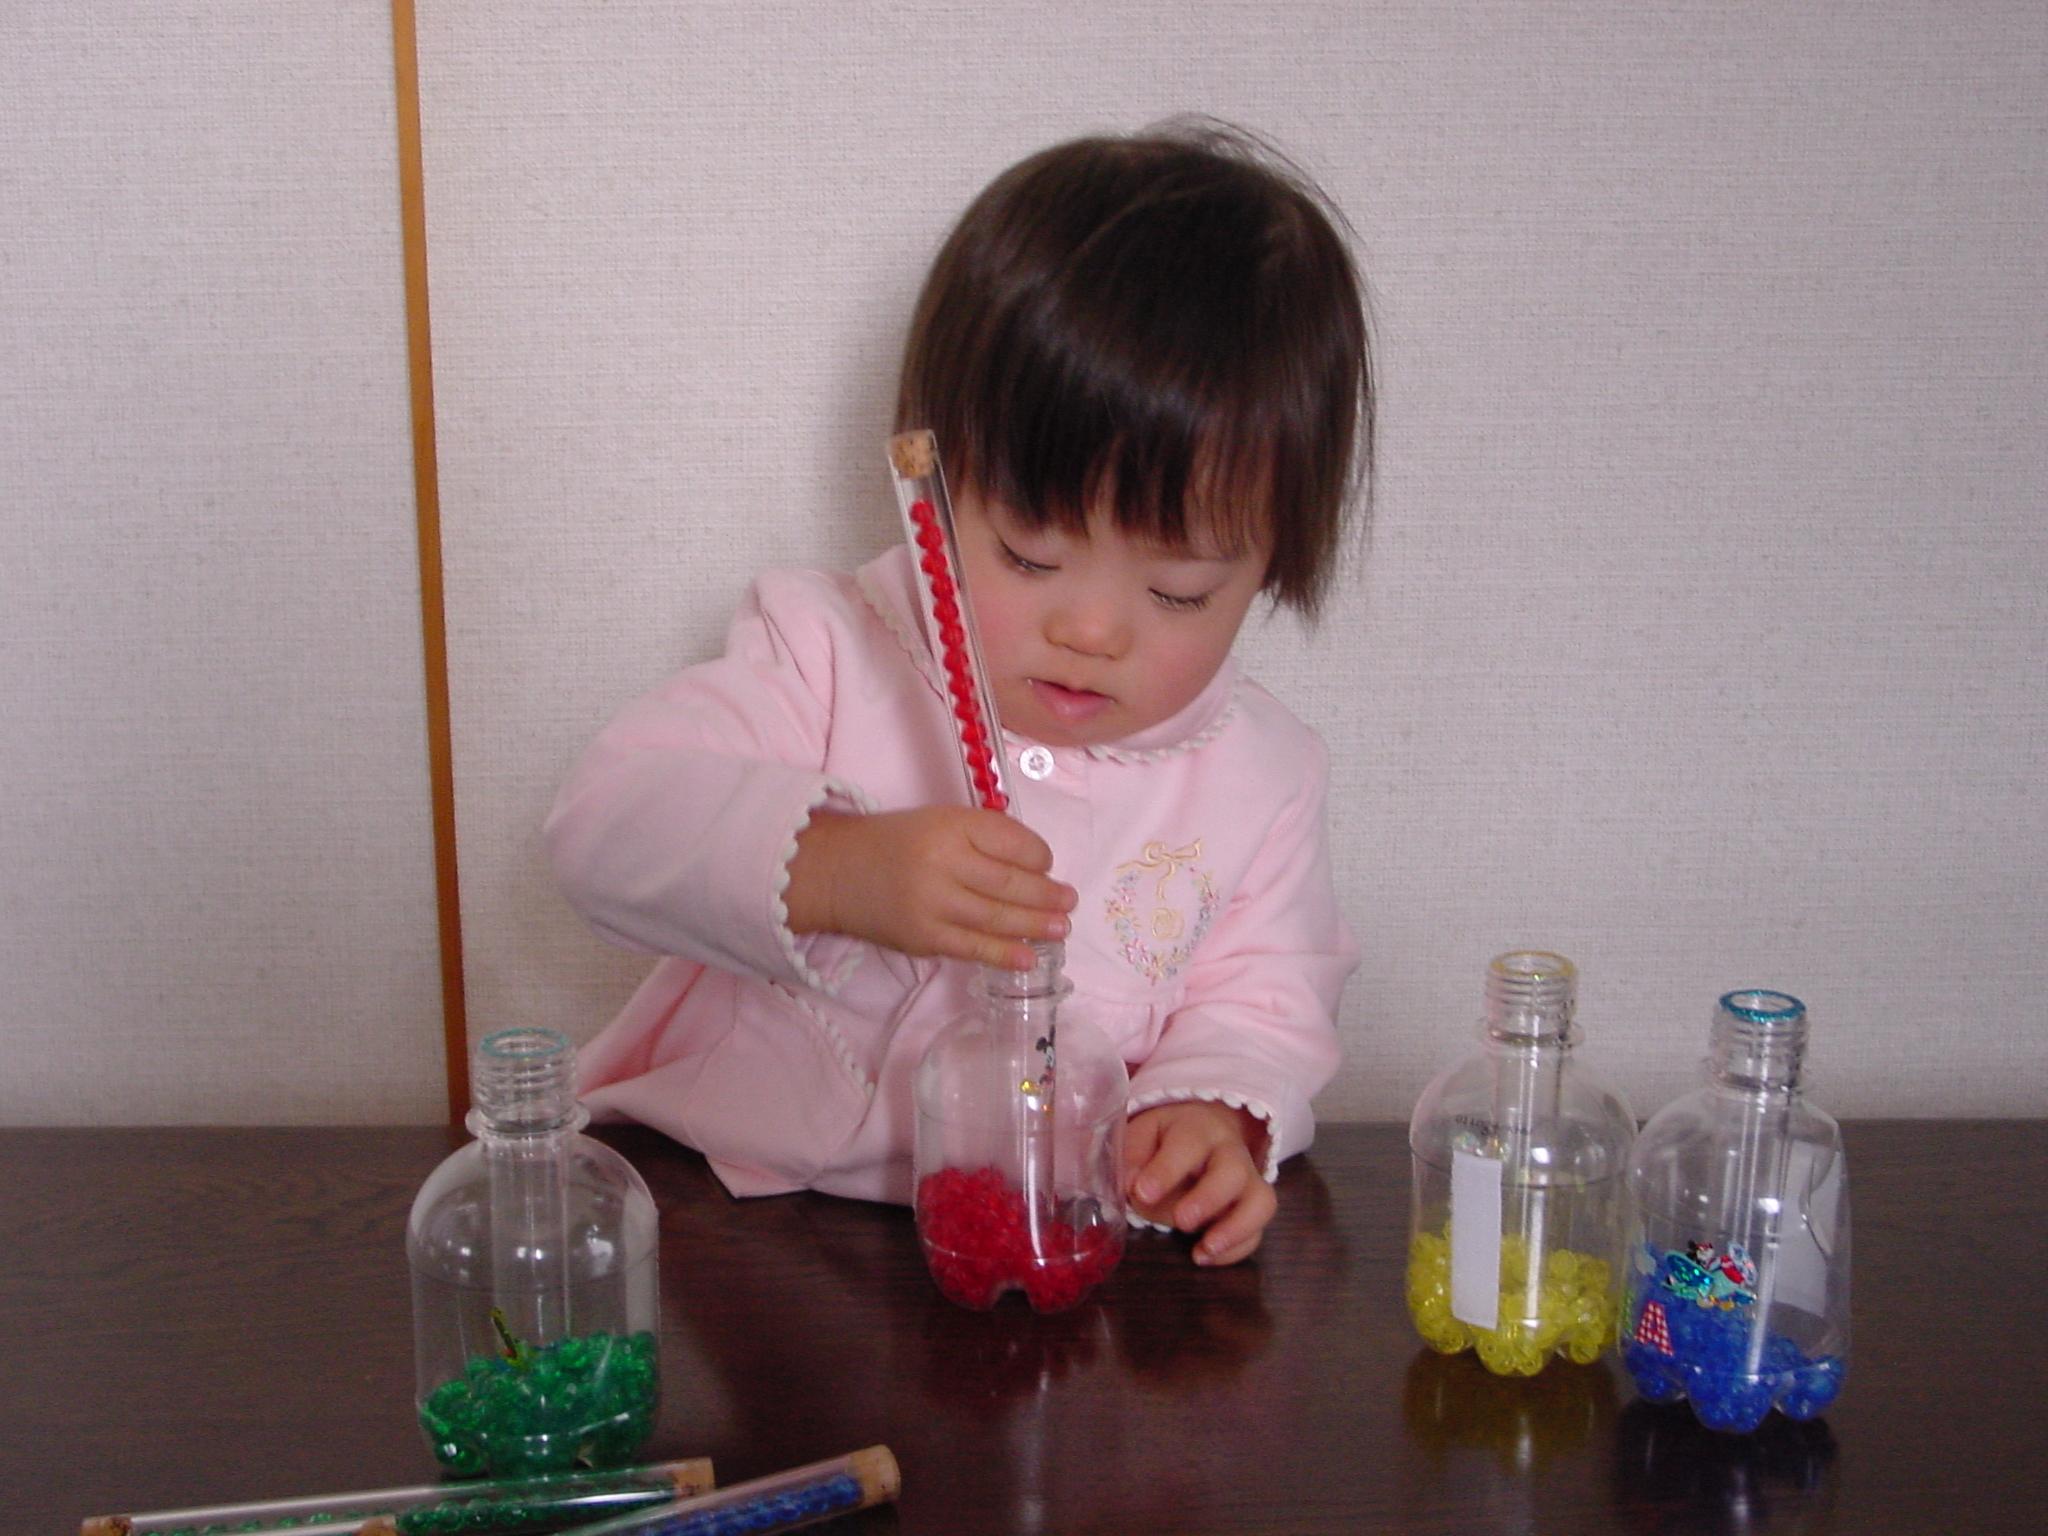 色の識別・手の巧緻性・空間認知力を養う